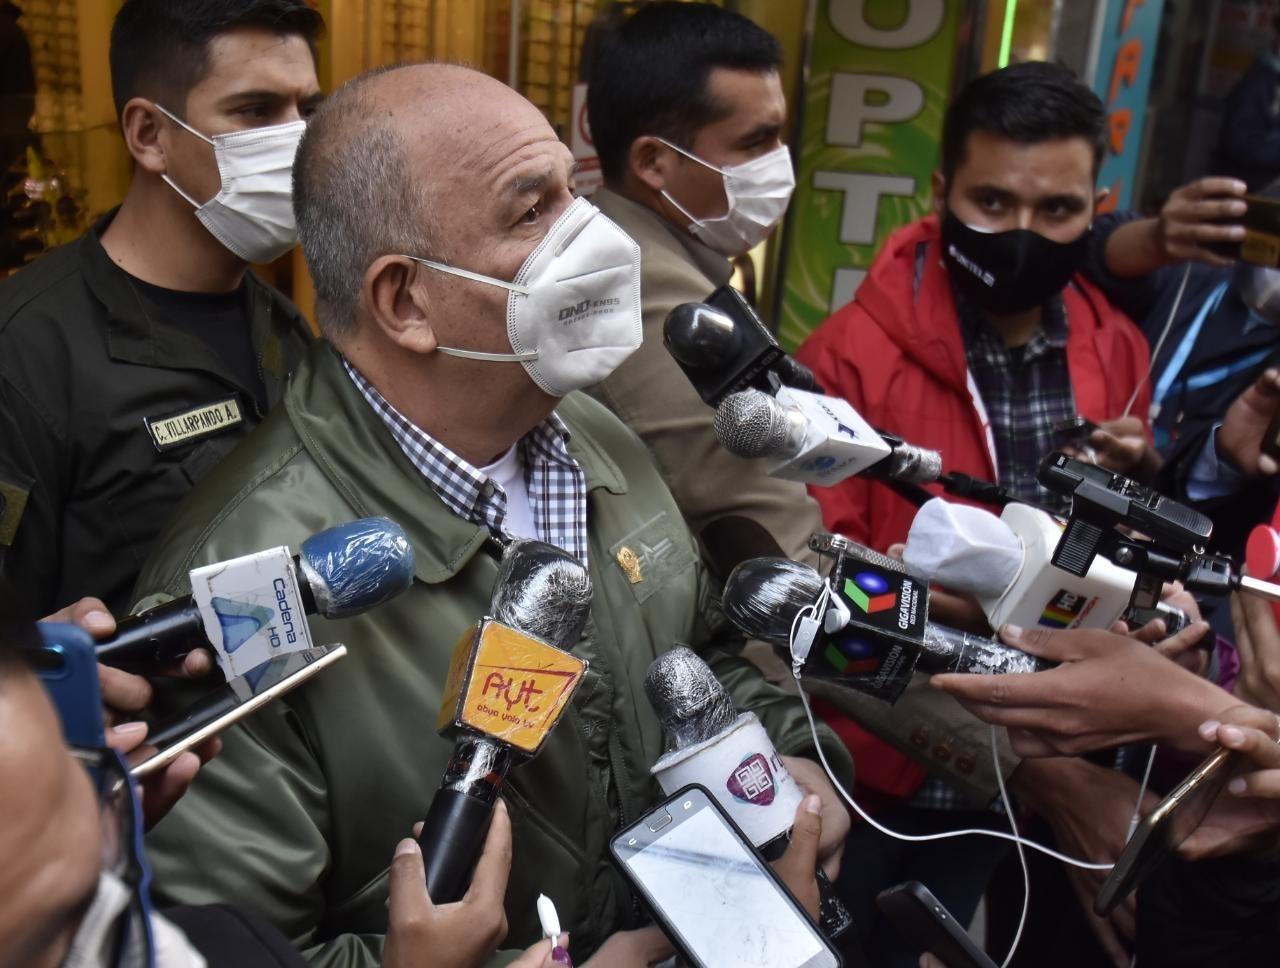 Murillo se quedó con el 50% del dinero del sobreprecio de los gases, según acusación